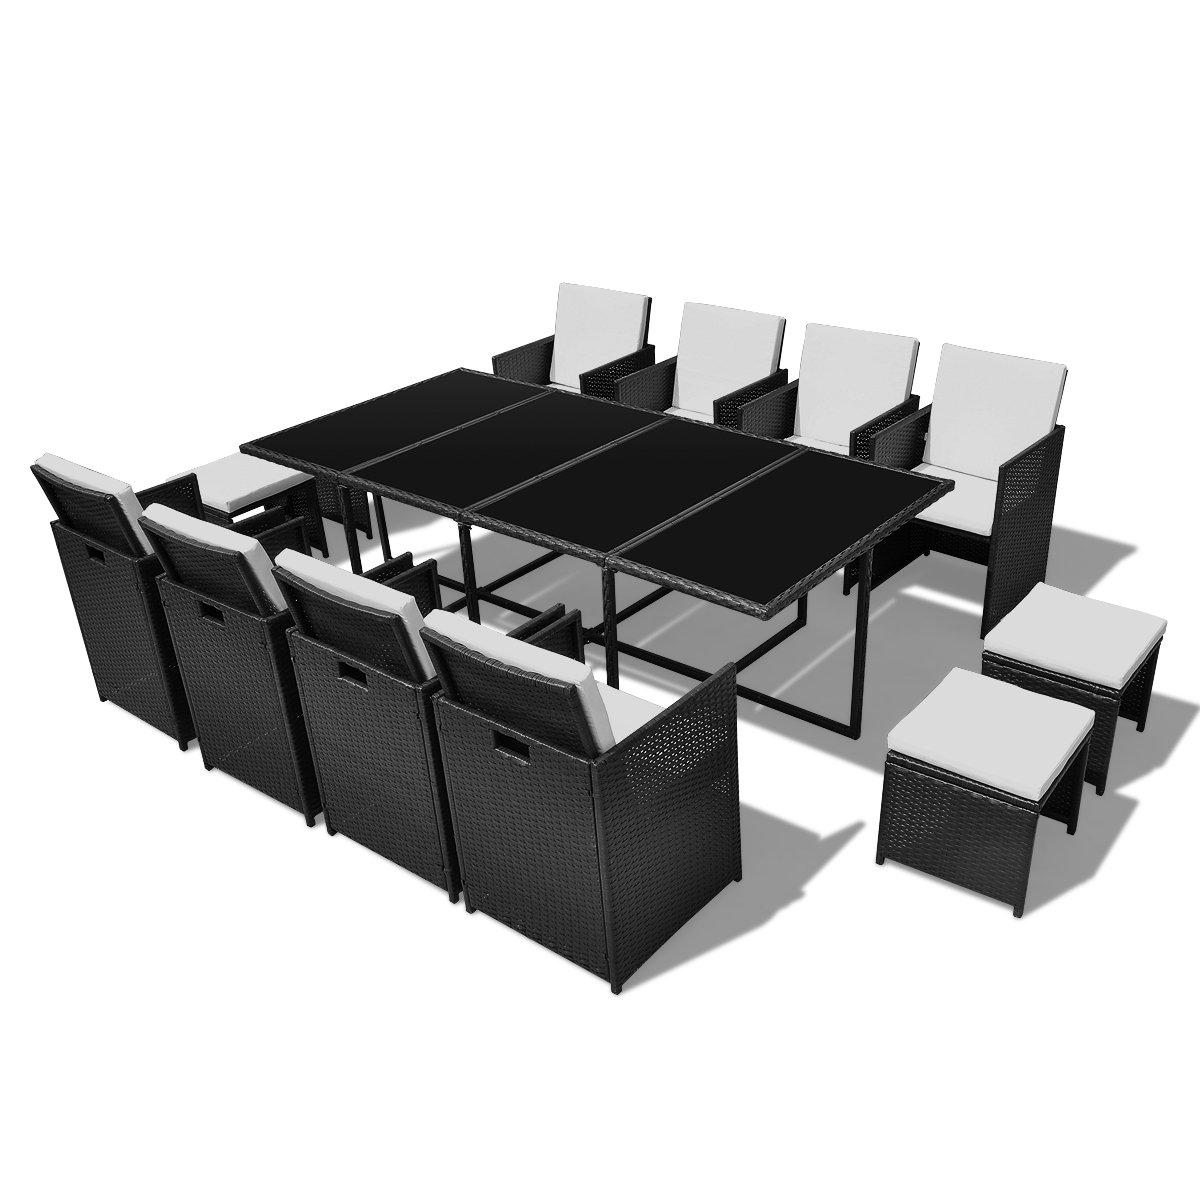 vidaXL Poly Rattan Gartenmöbel Essgruppe 1 Tisch + 8 Stühle 4 Hocker